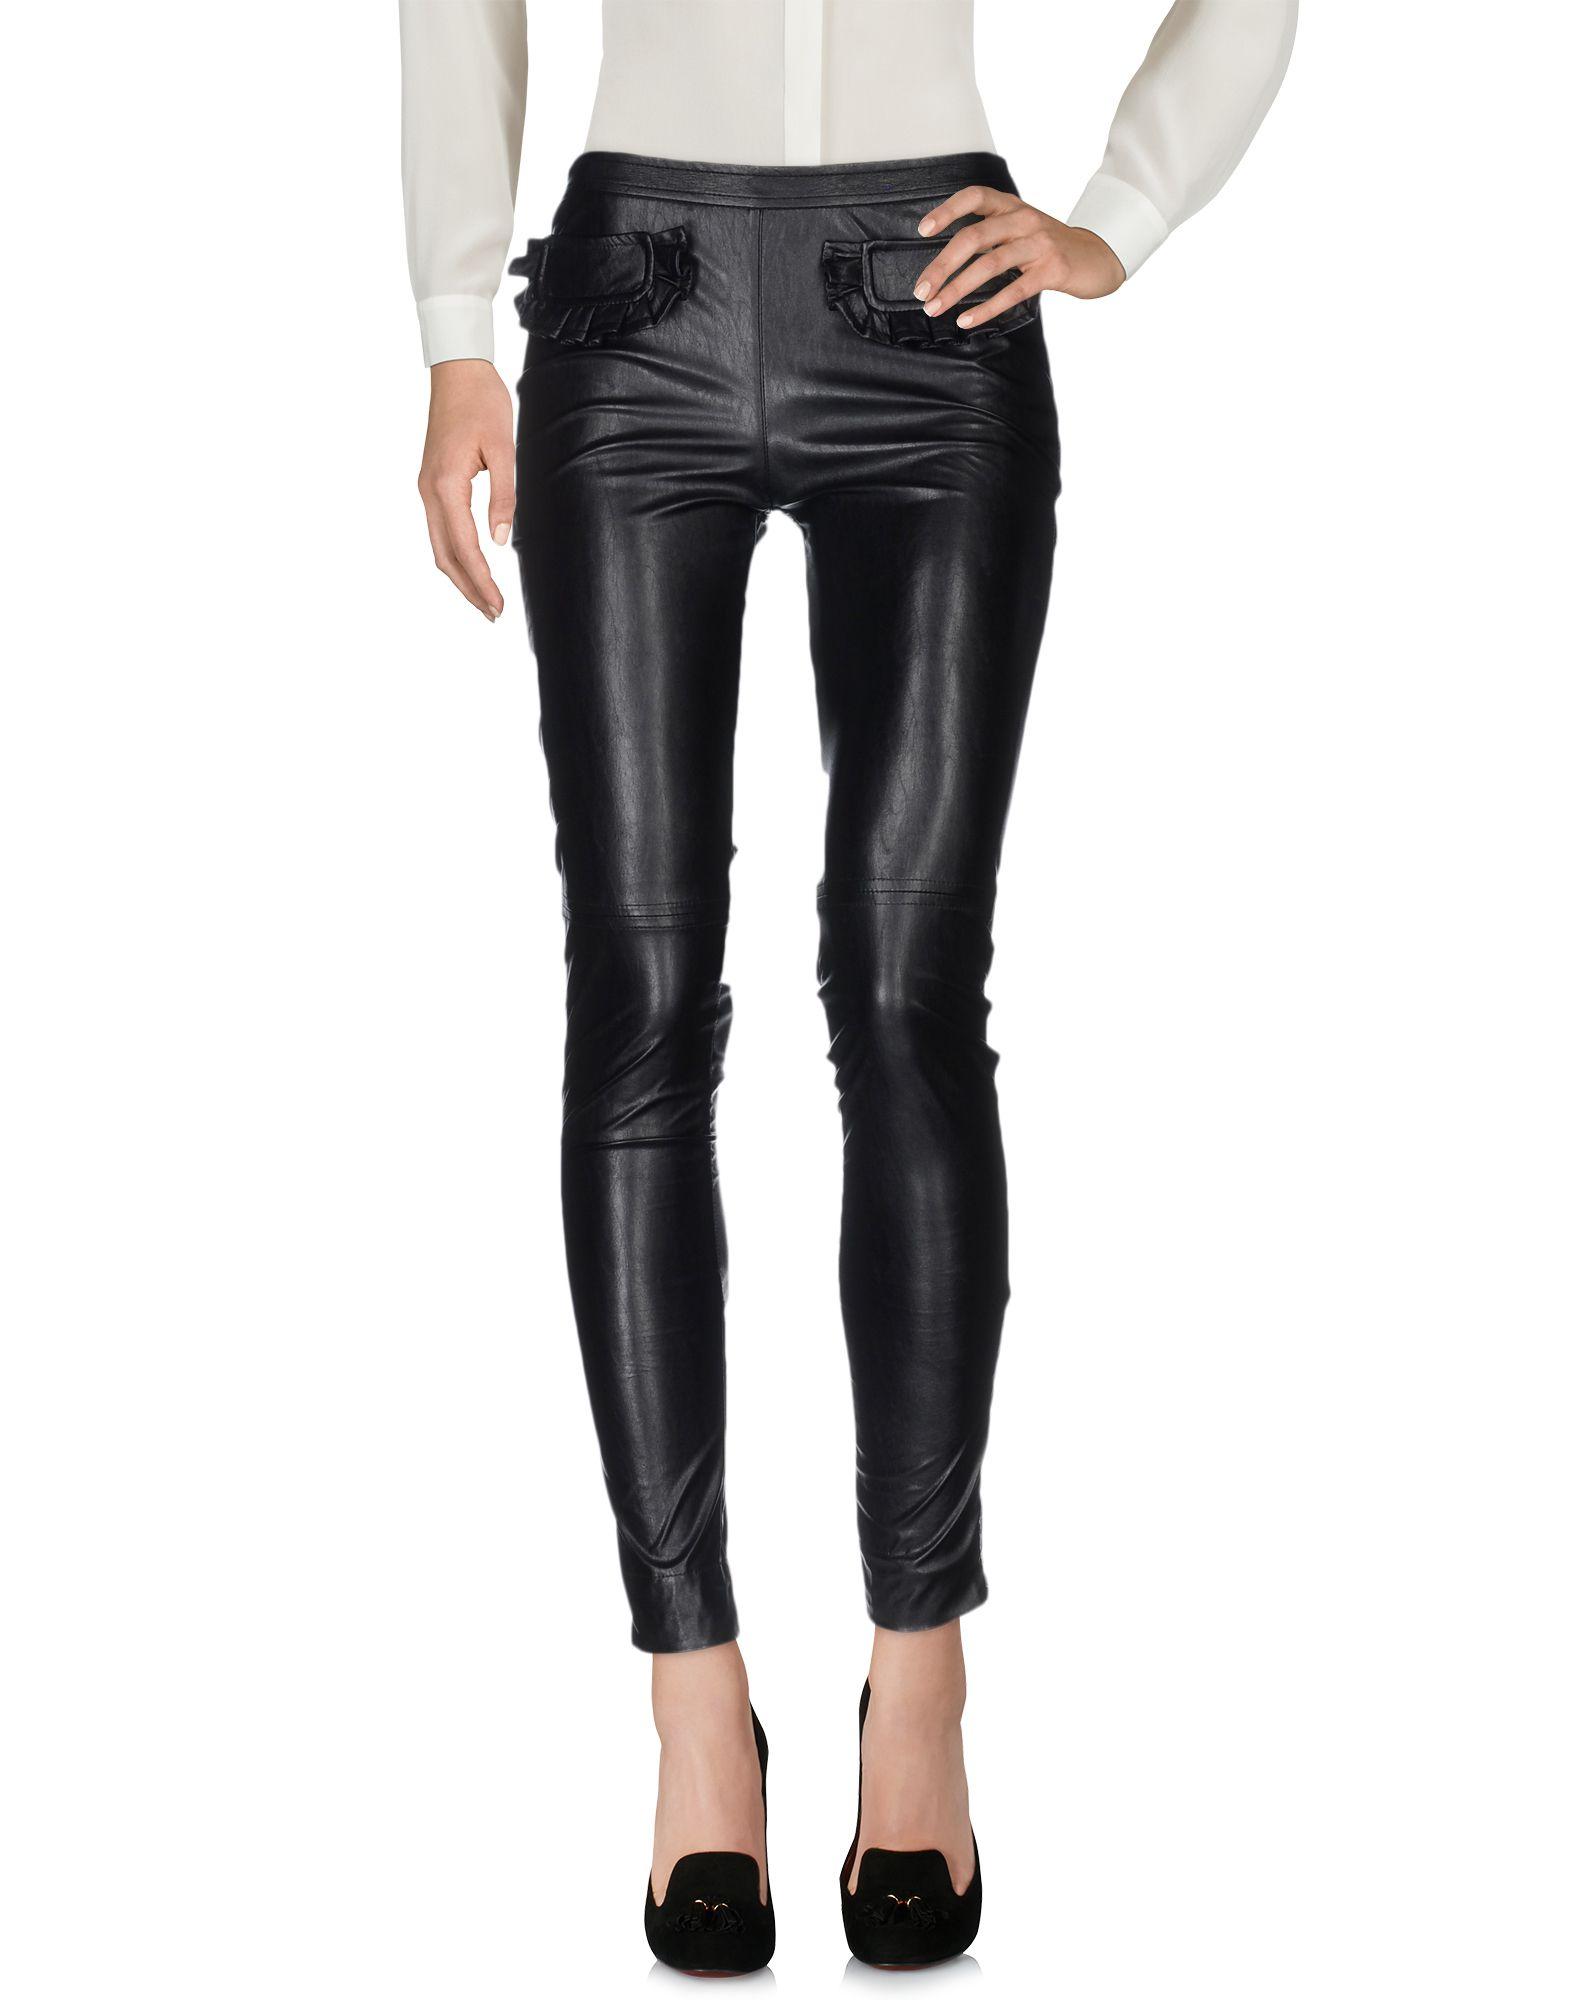 BABYLON Damen Hose Farbe Schwarz Größe 5